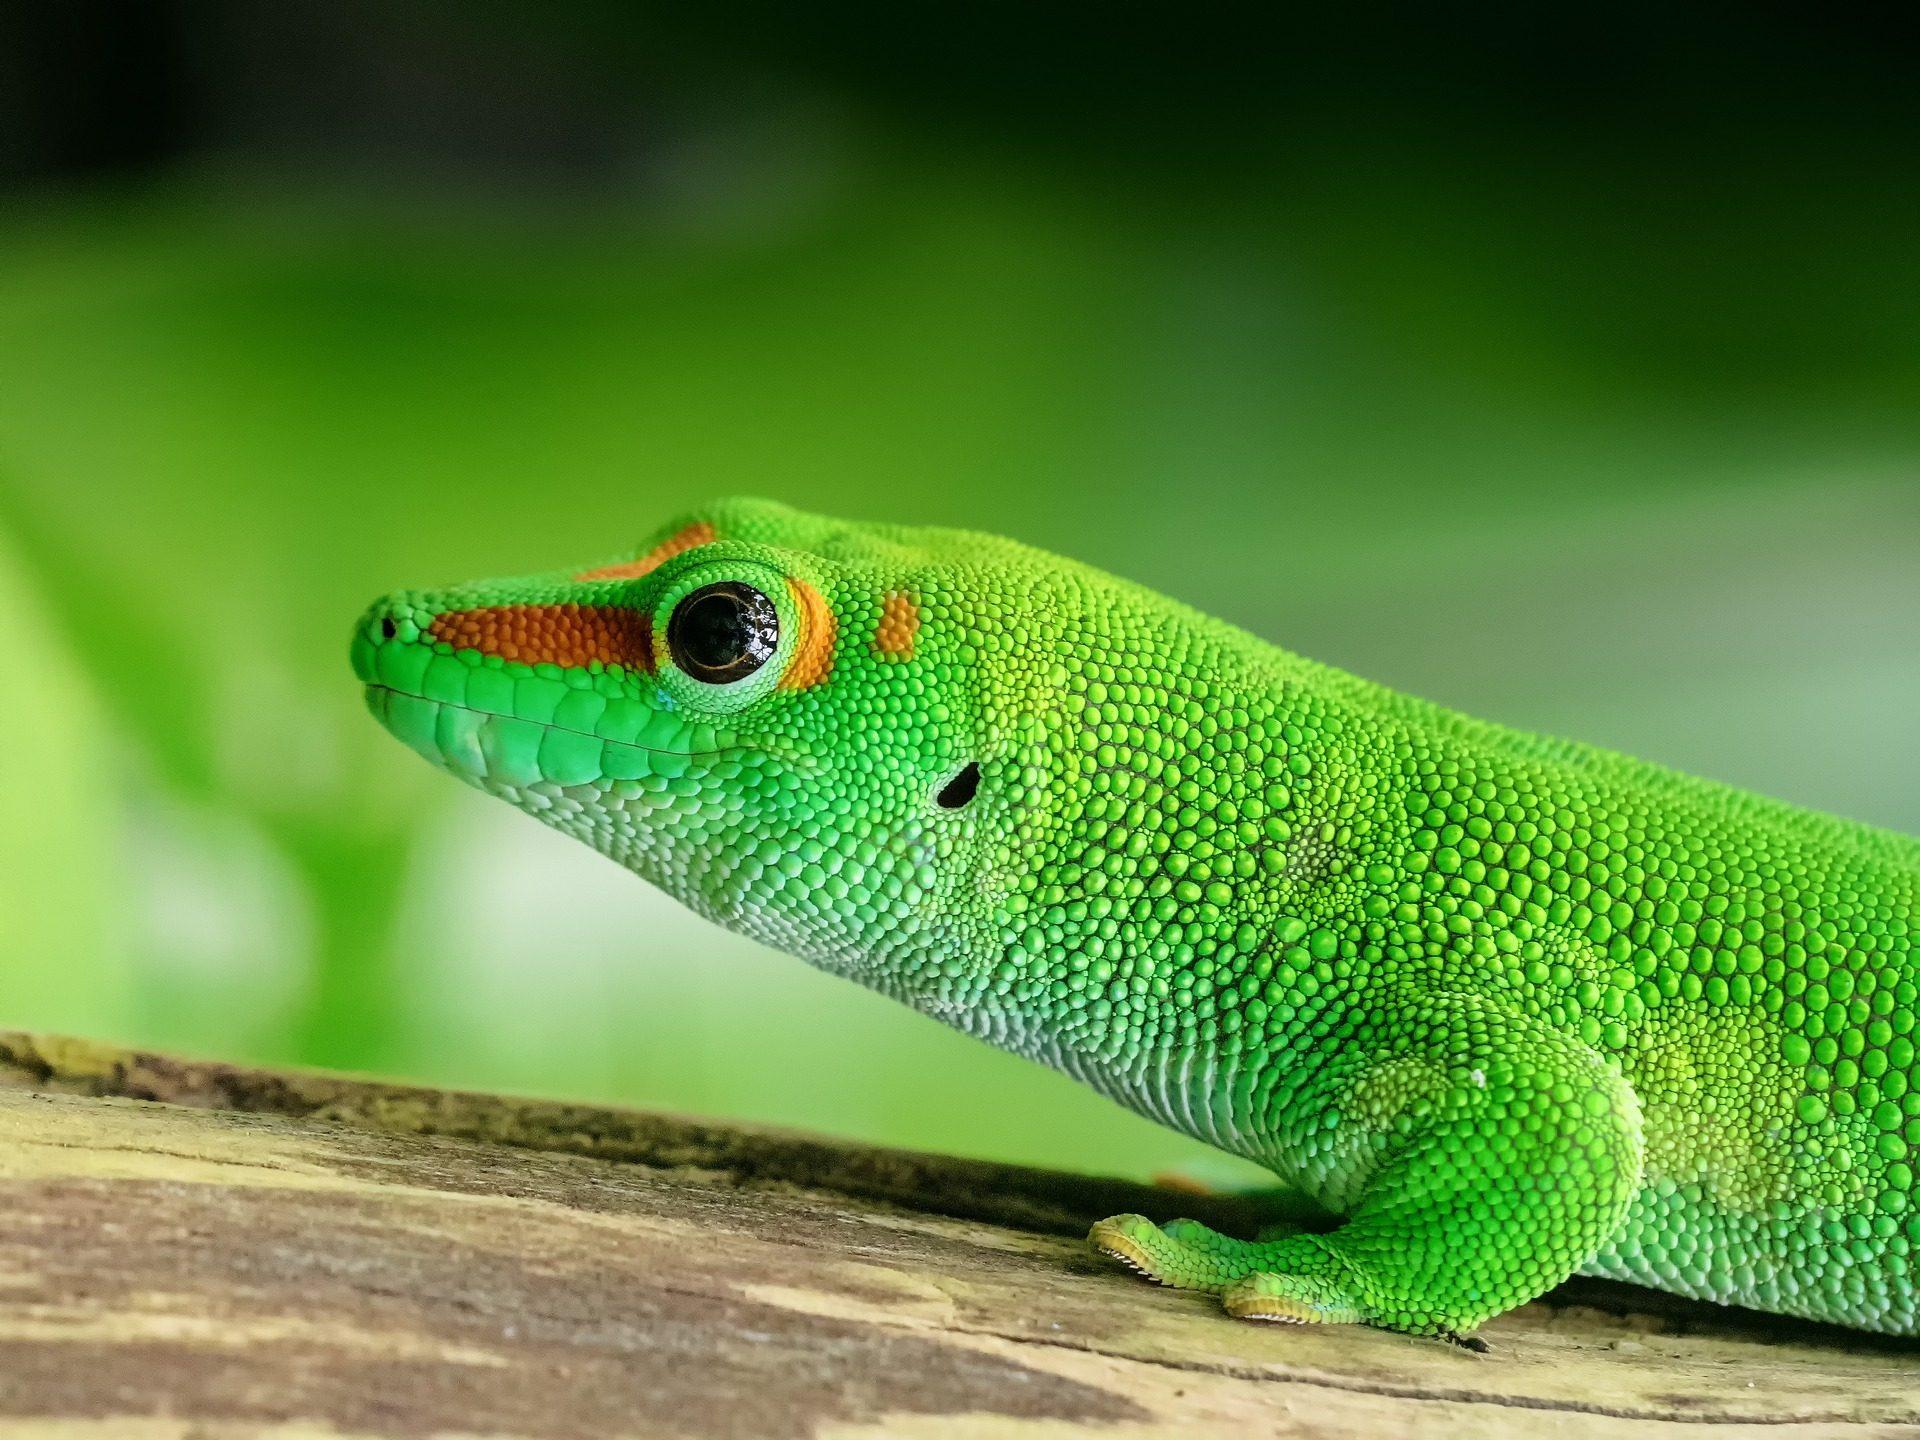 gecko, lagartija, छिपकली, साँप, त्वचा, मेडागास्कर - HD वॉलपेपर - प्रोफेसर-falken.com